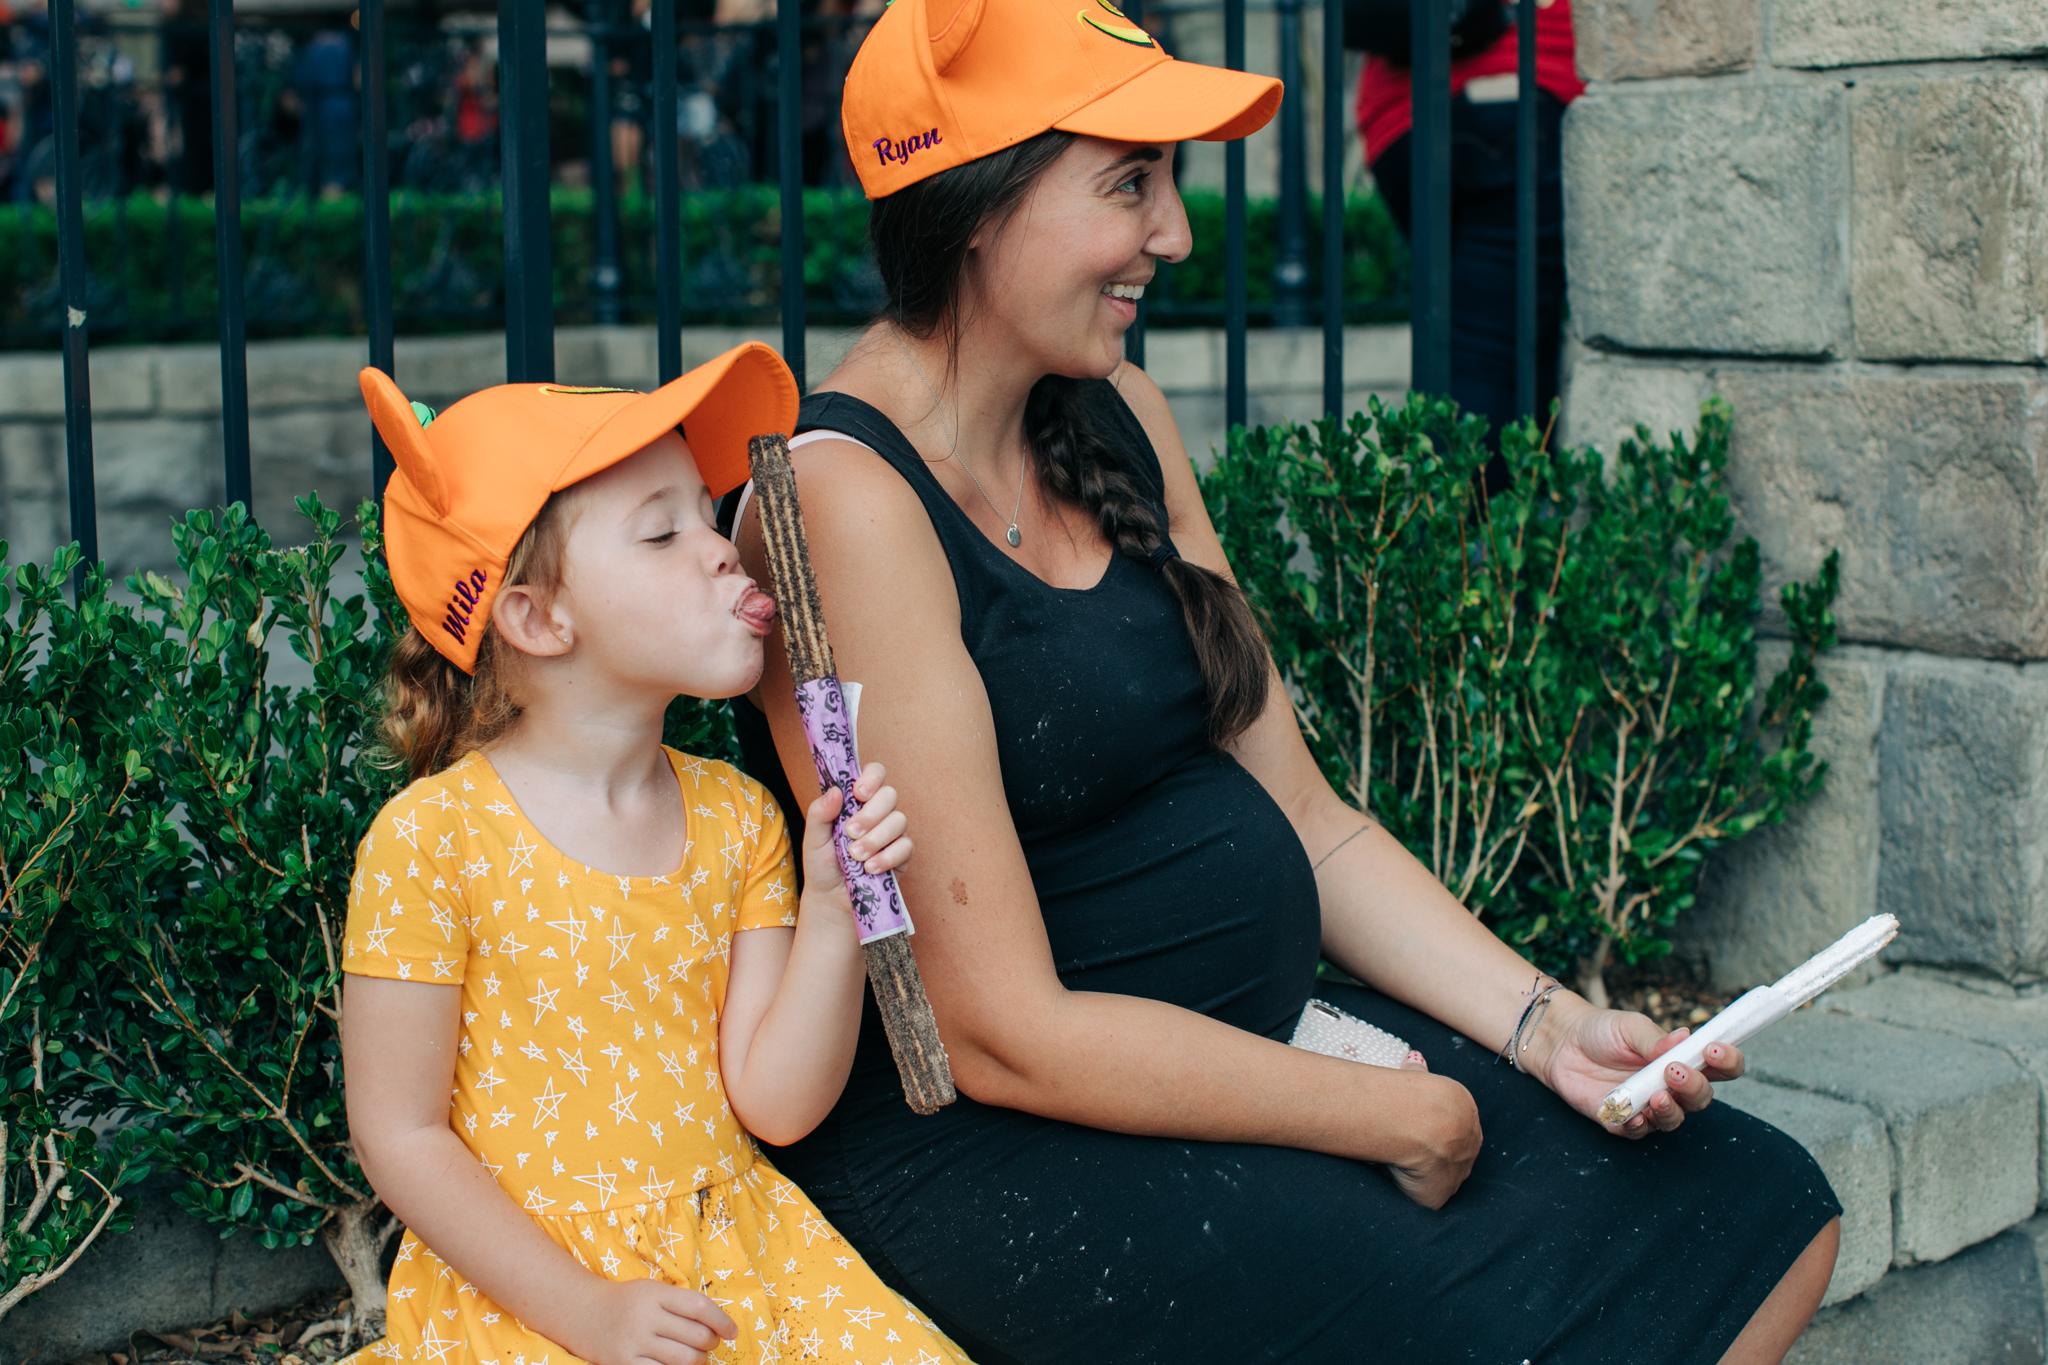 BabyBoyBakery_Disneyland_LilyRo-49.jpg